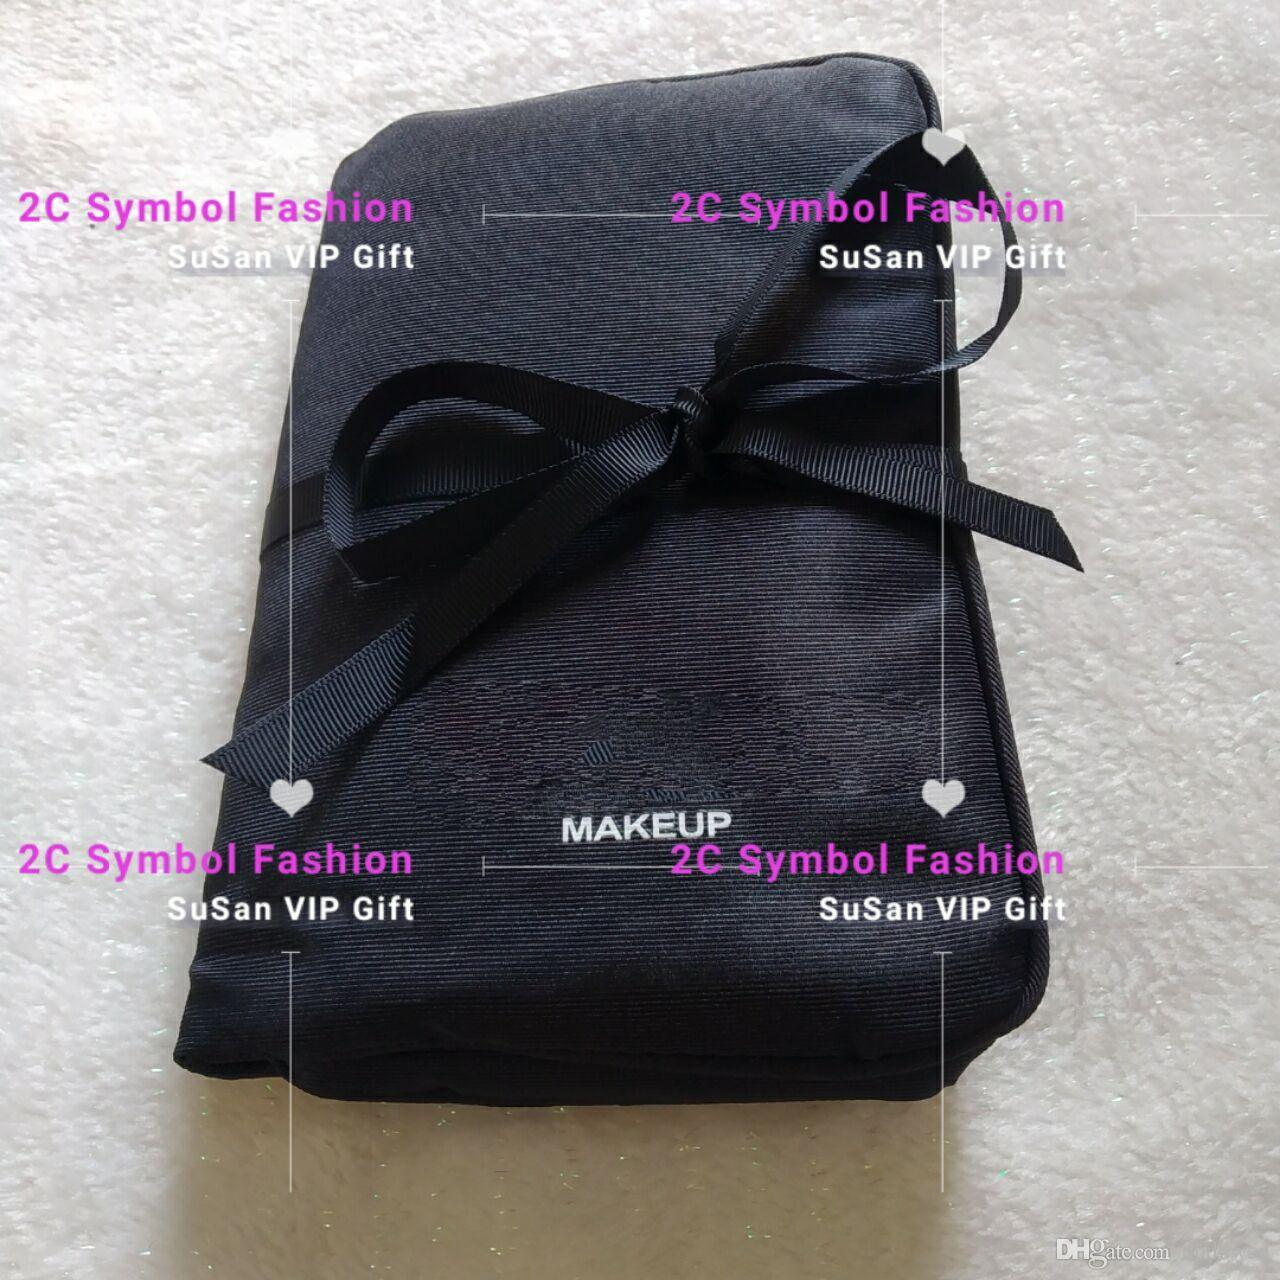 Nuevo ~ Bolsa de almacenamiento de moda con logotipo Estuche de cosméticos de seda 3 carpeta organizador de maquillaje maquillaje cepillo o barra de labios bolsa de almacenamiento